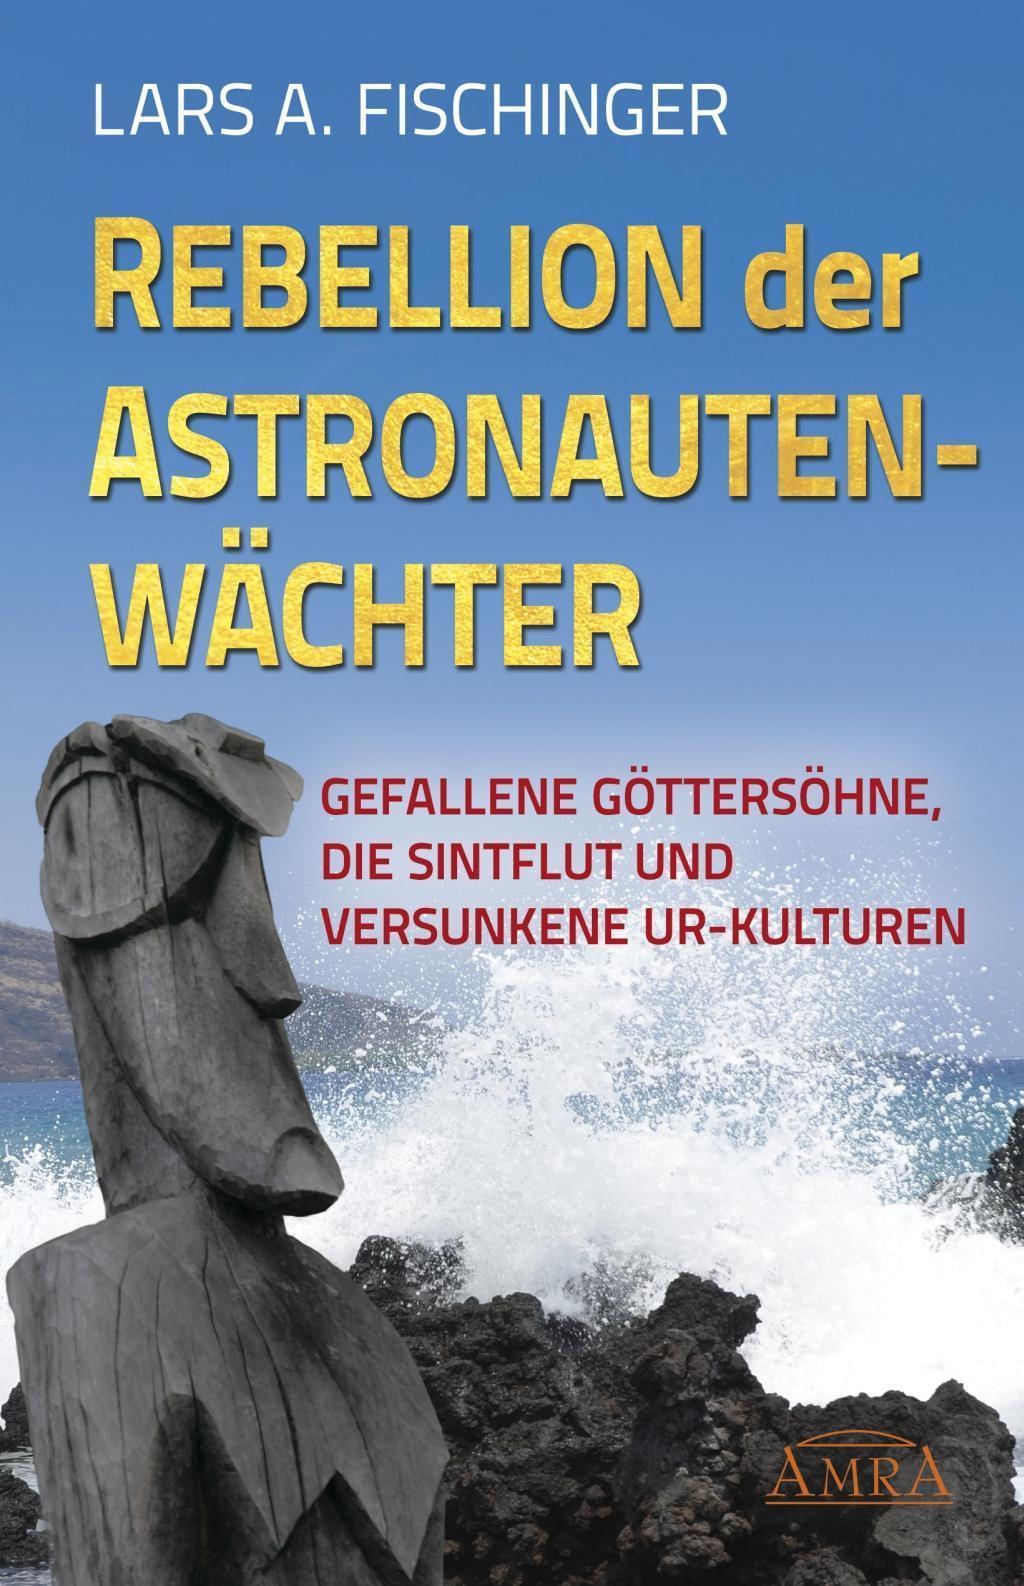 Rebellion der Astronautenwächter